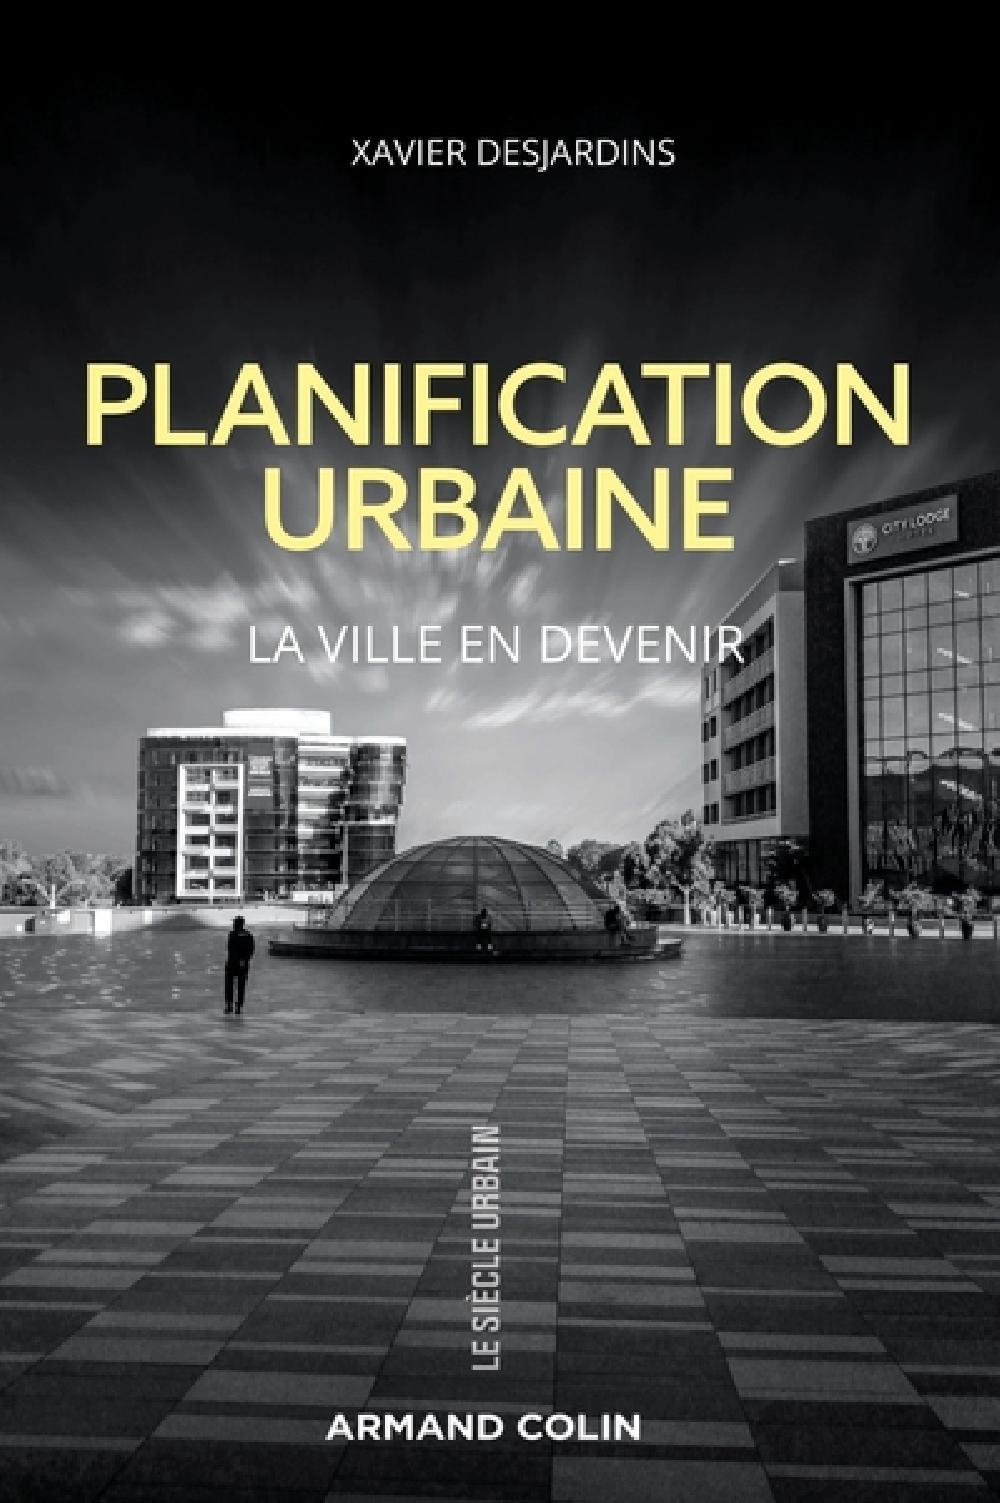 Planification urbaine - La ville en devenir